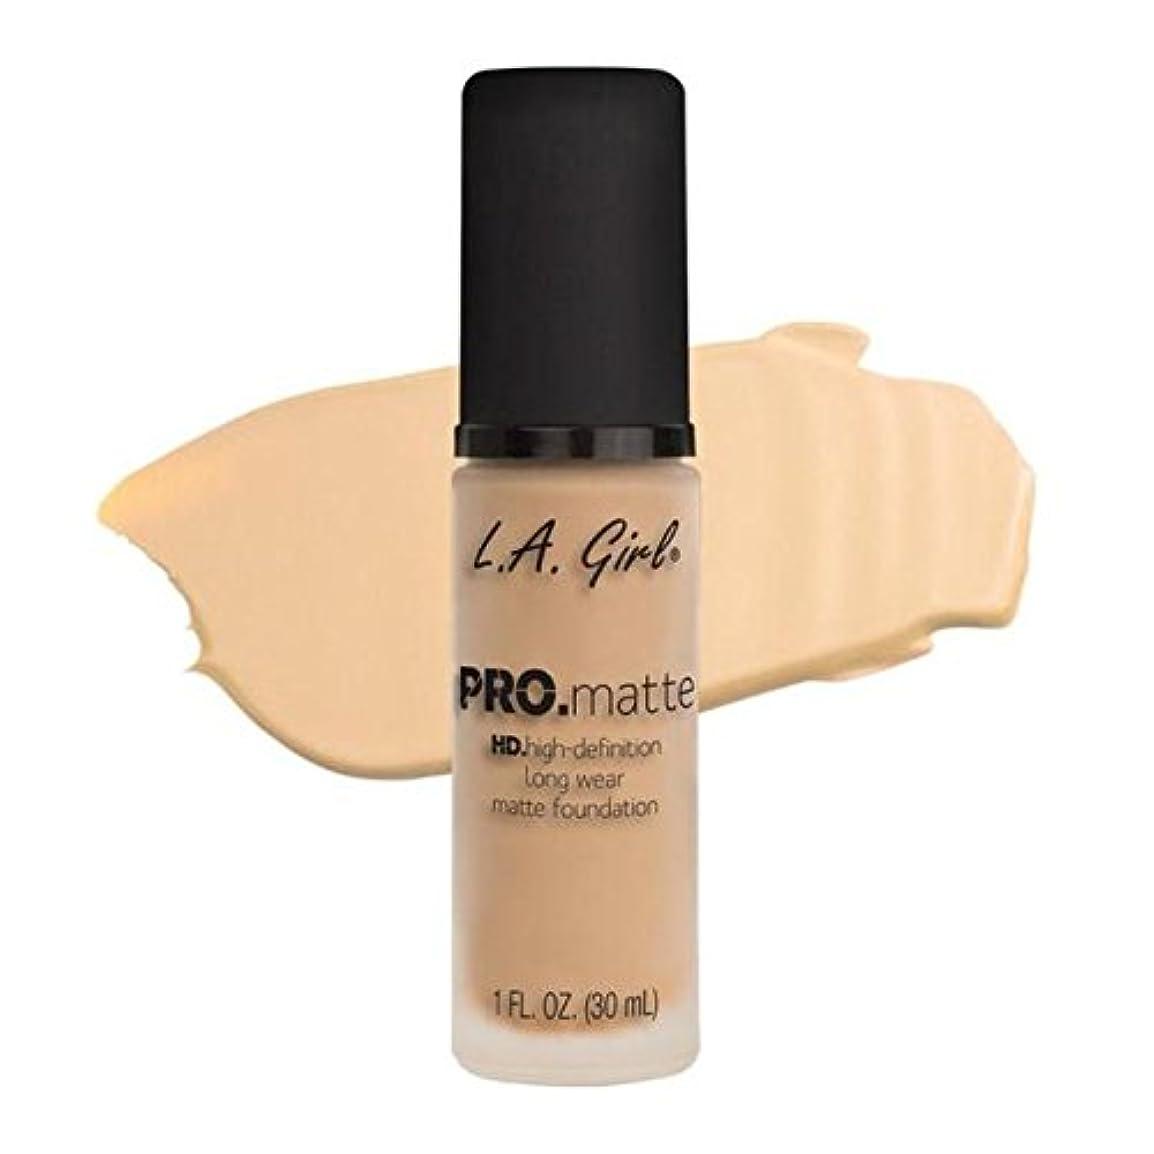 壁紙主張する詐欺LA Girl PRO.mattte HD.high-definition long wear matte foundation (GLM671 Ivory)